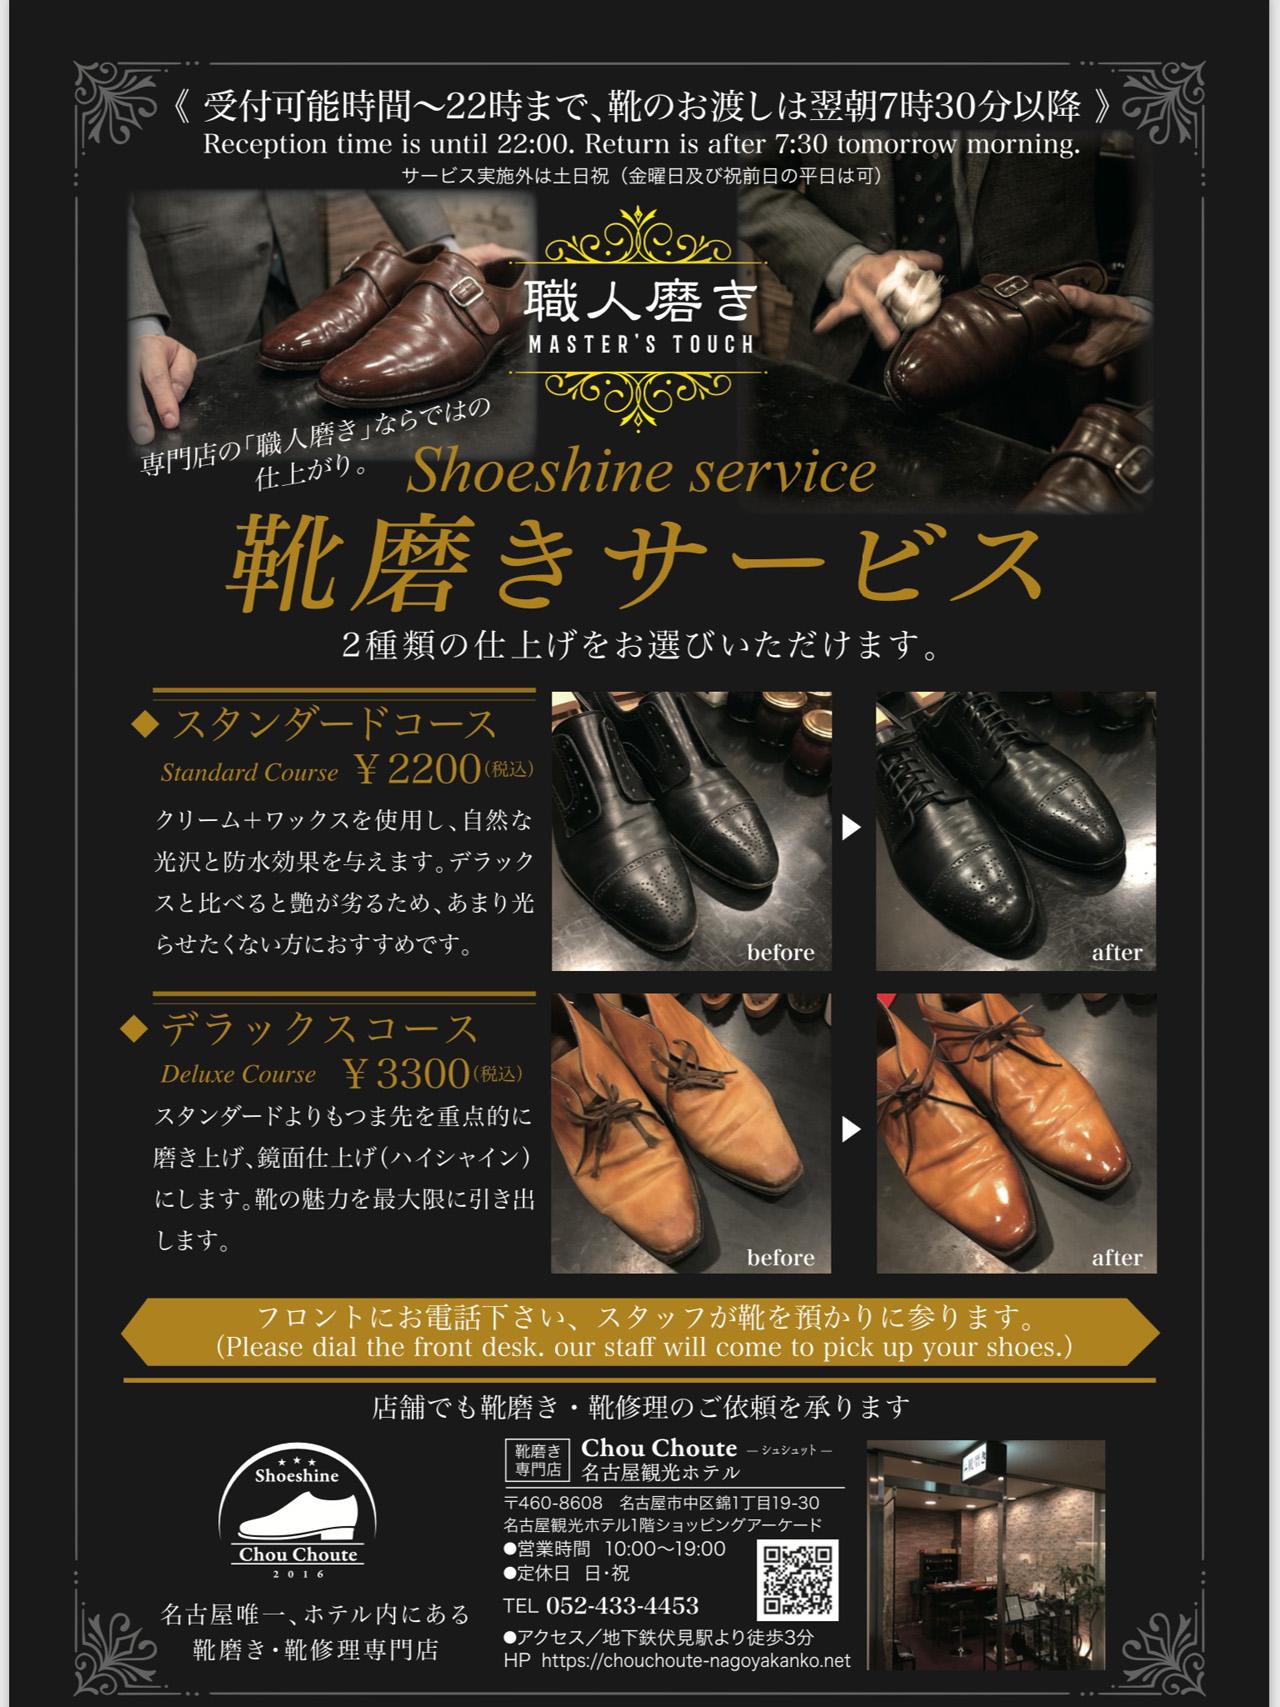 名古屋観光ホテルご宿泊の方へ向けた靴磨きサービスを開始します!